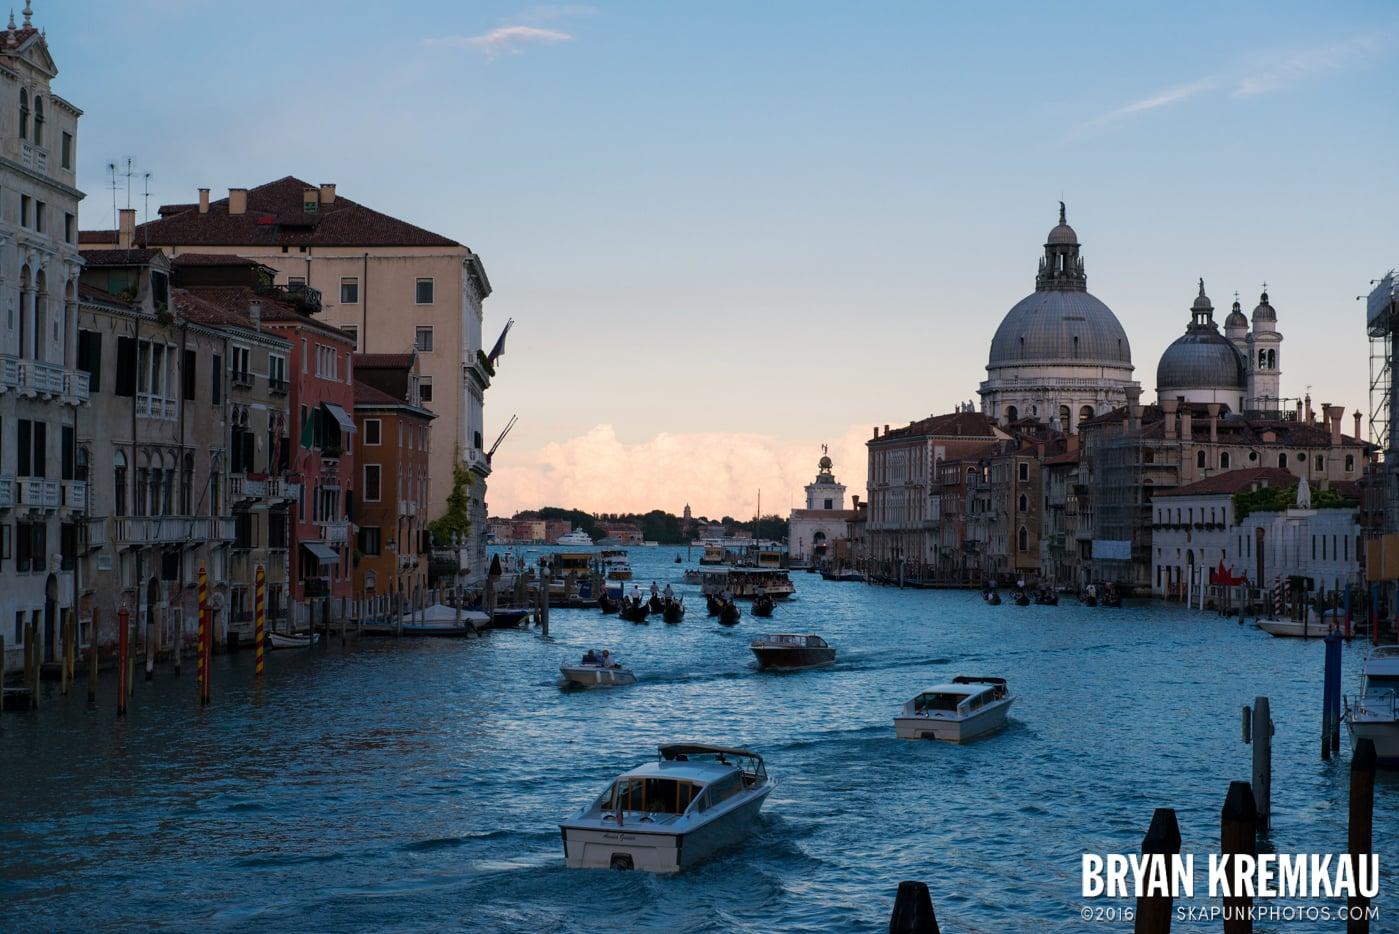 Italy Vacation - Day 4: Venice - 9.12.13 (7)